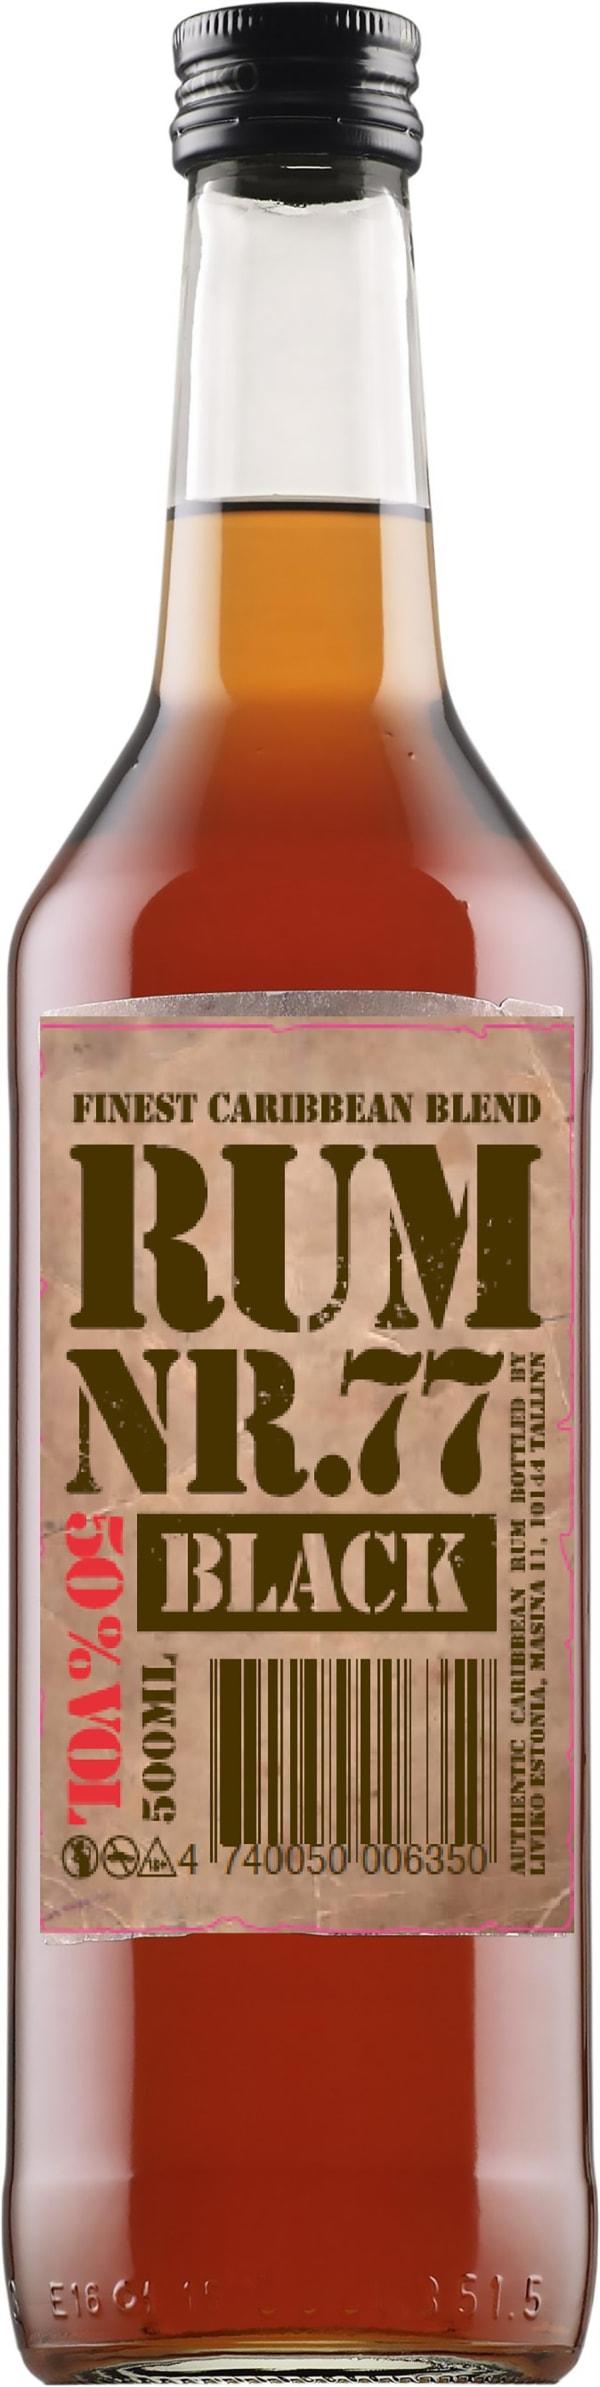 Rum Nr. 77 Black